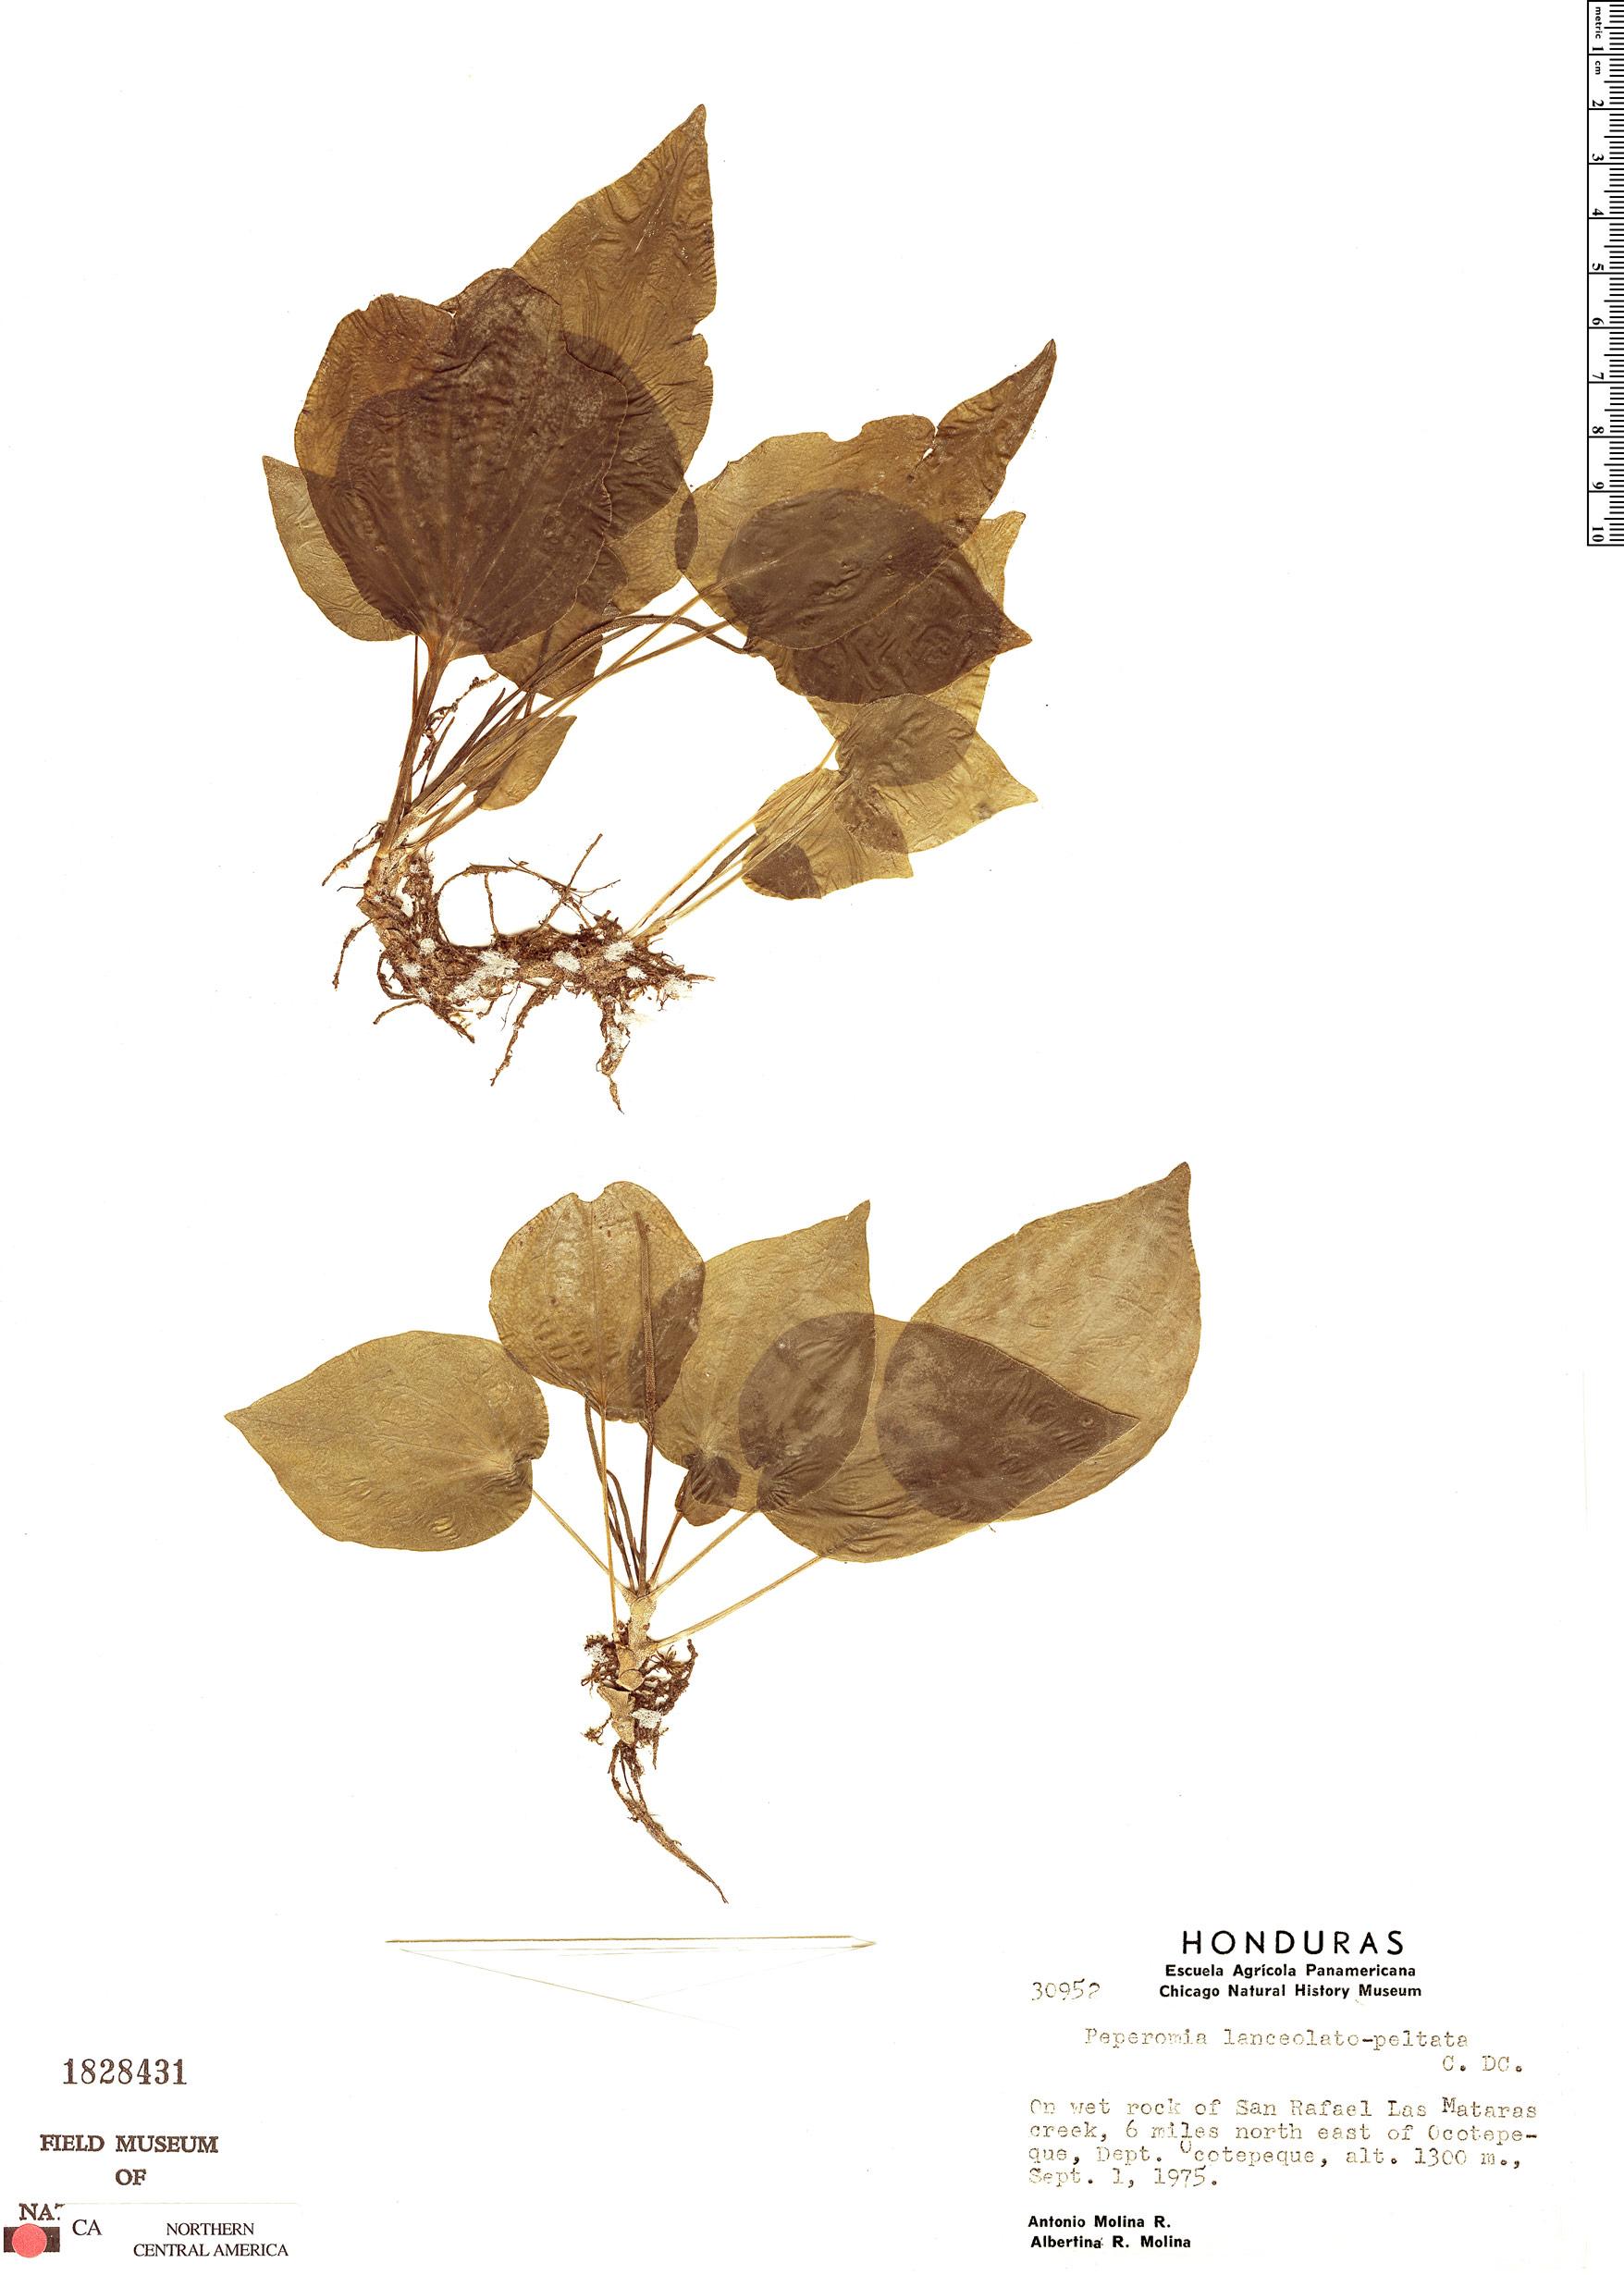 Specimen: Peperomia lanceolatopeltata